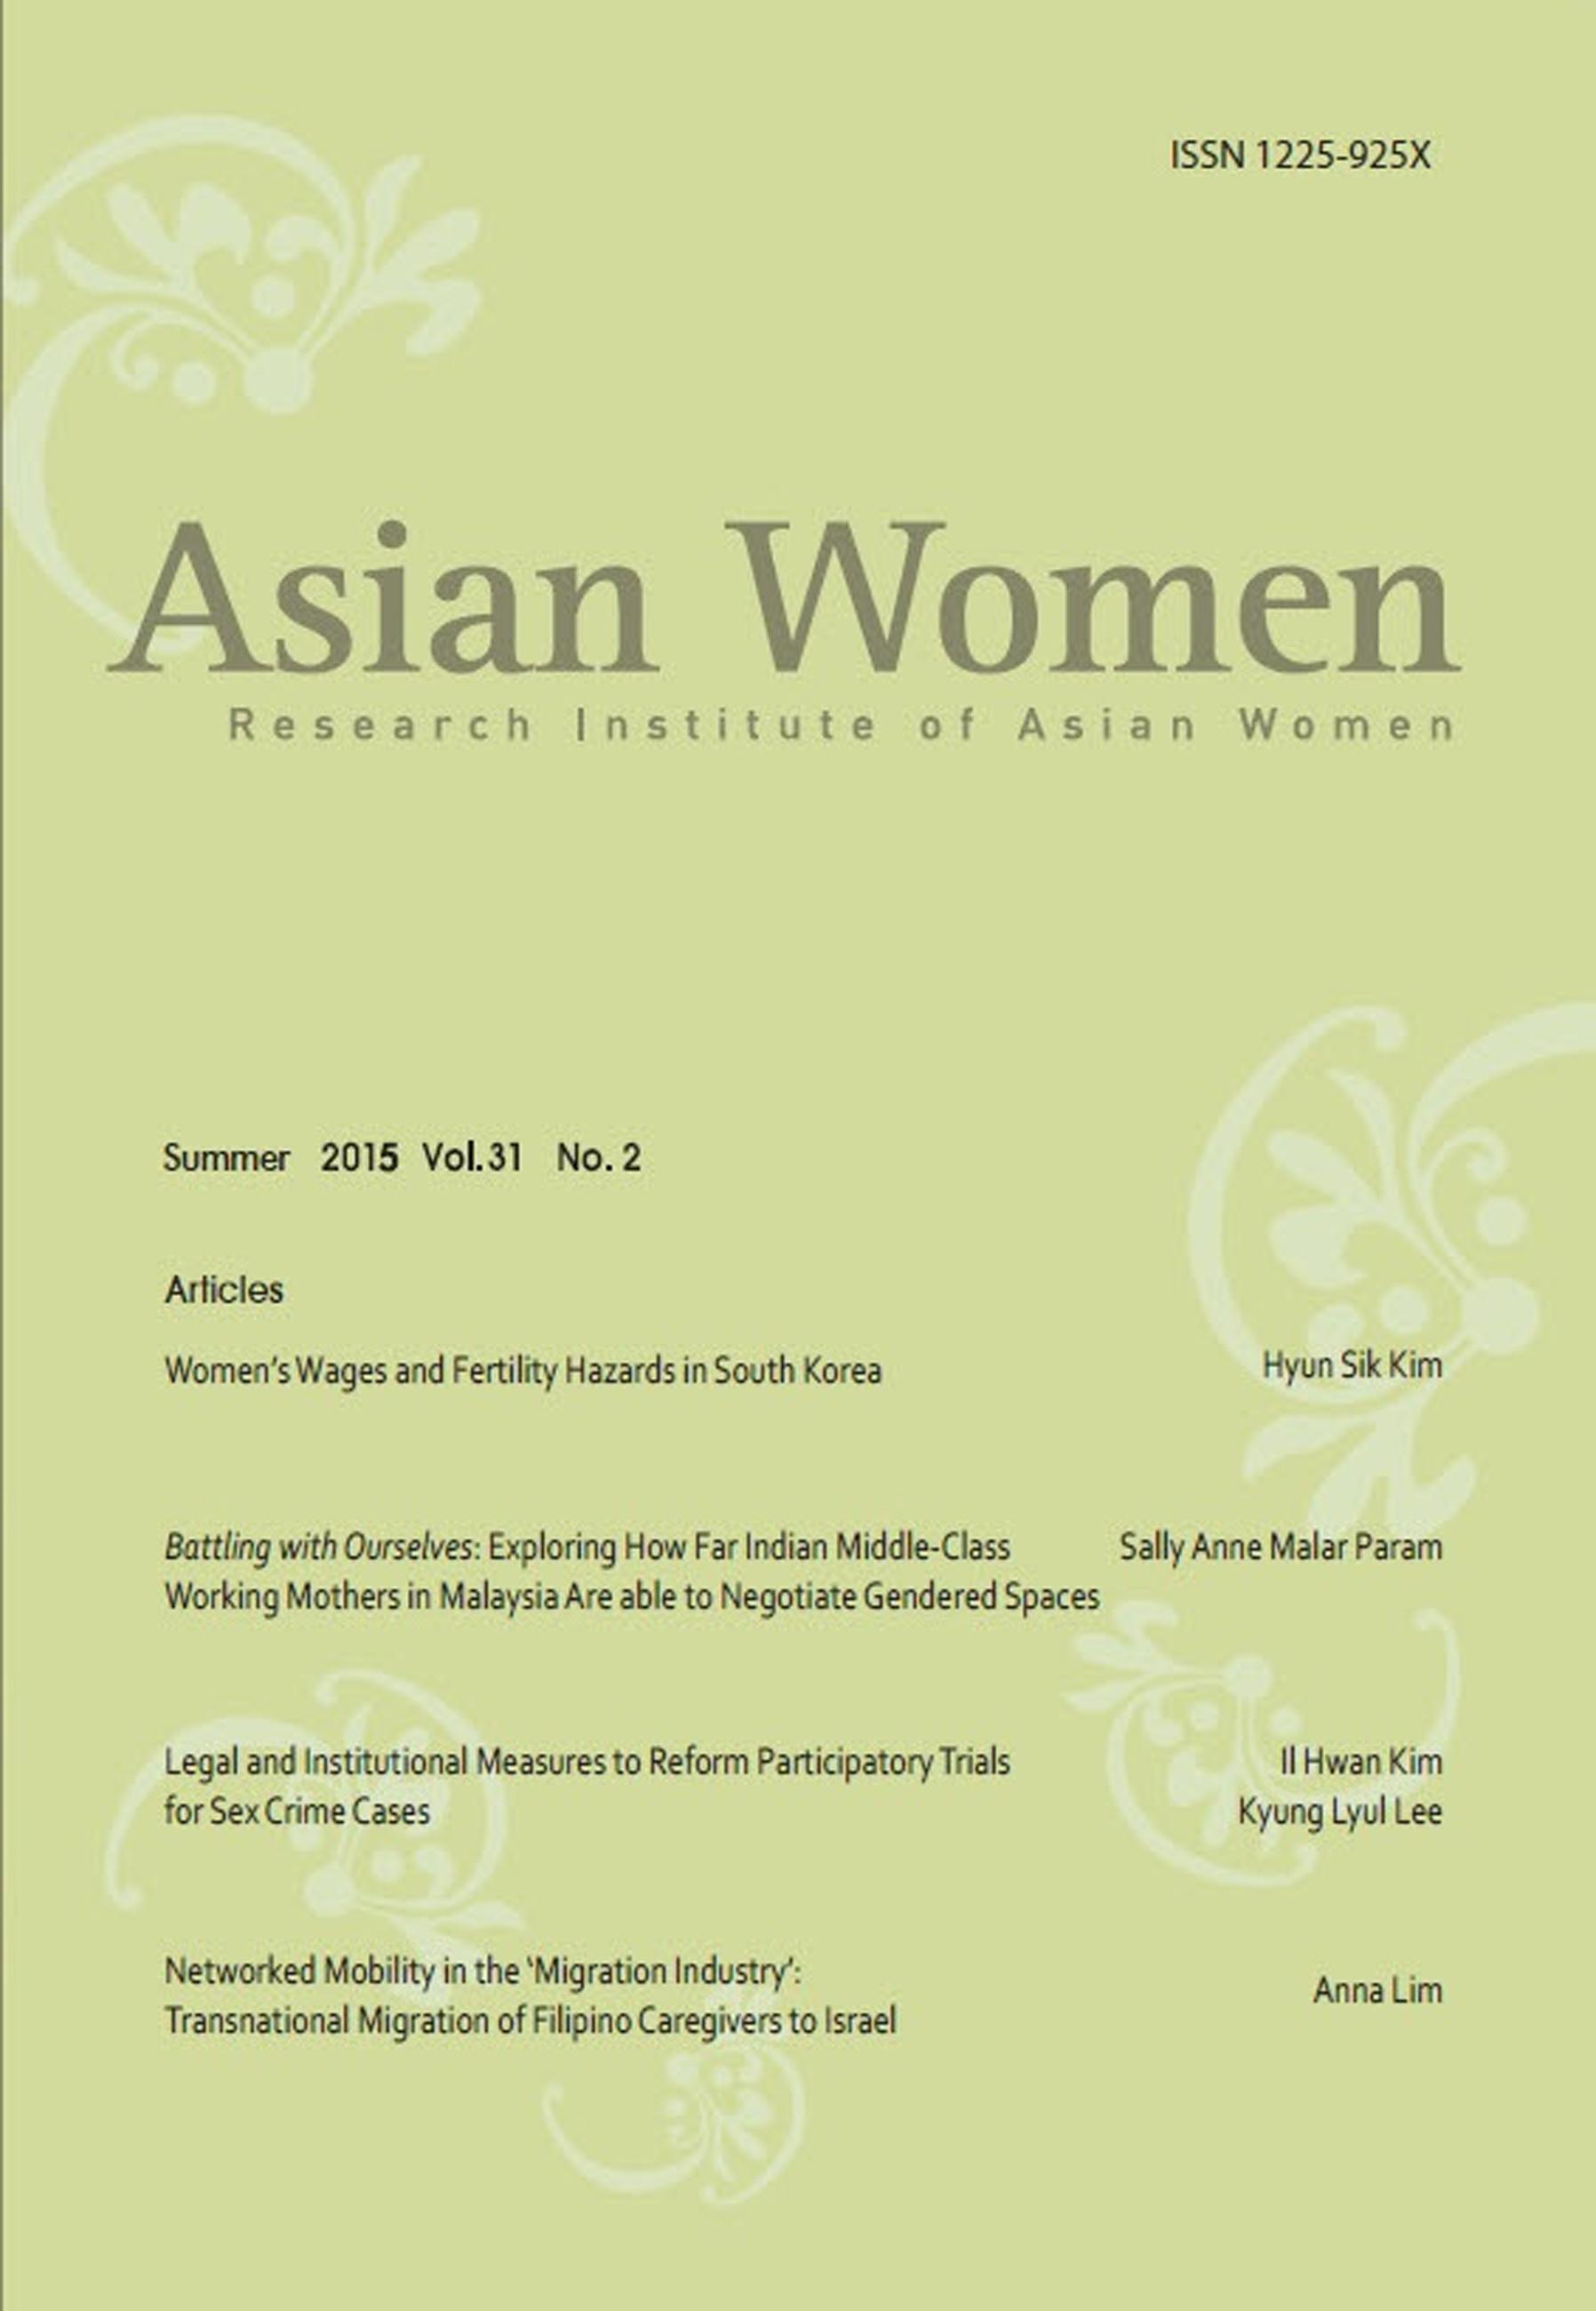 Asian Women Vol.31 No.2